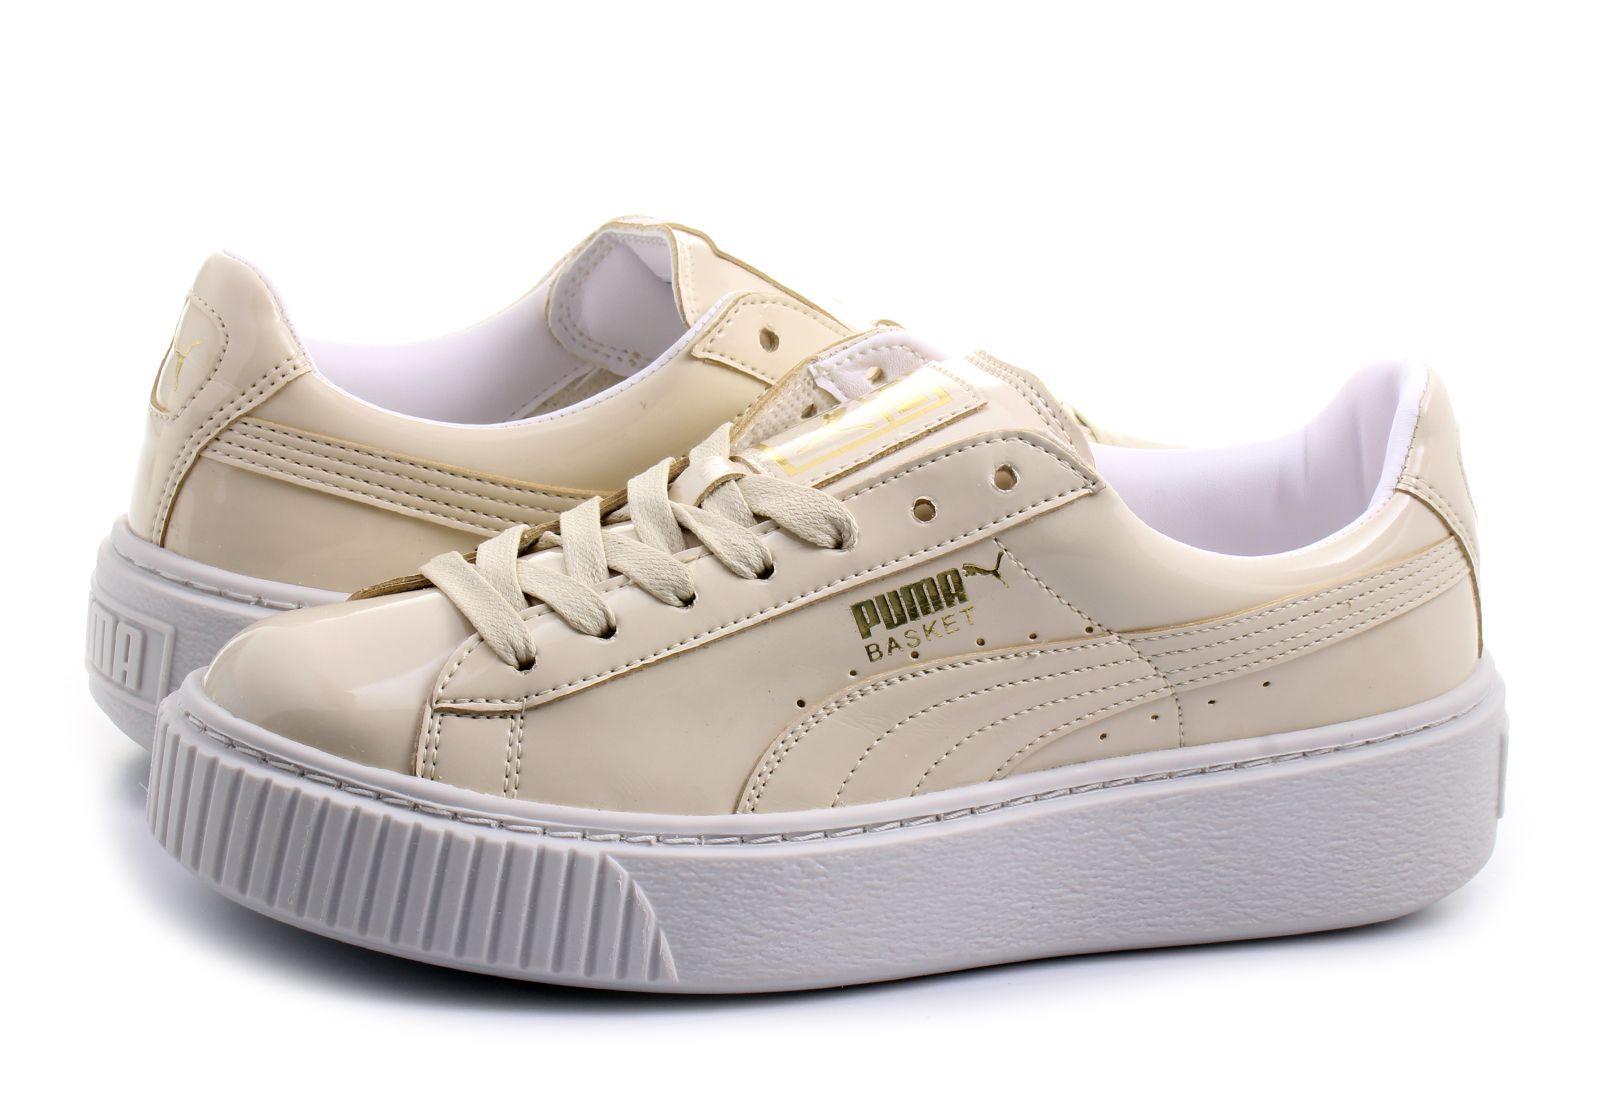 a77be17139b5 Puma Cipő - Platform Patent - 36331402-oat - Office Shoes Magyarország